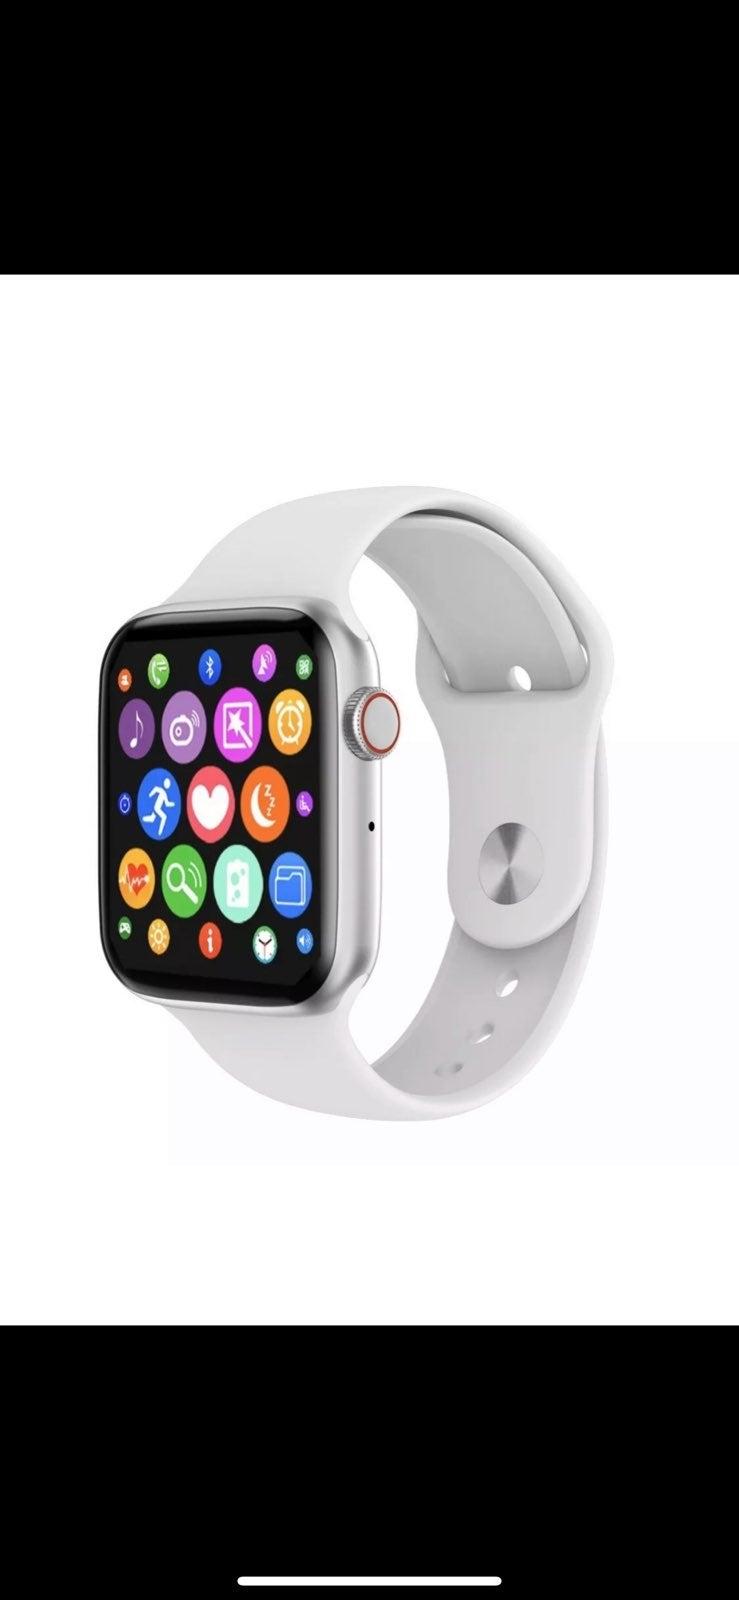 Apple Watch Like Bluetooth Smart Watch